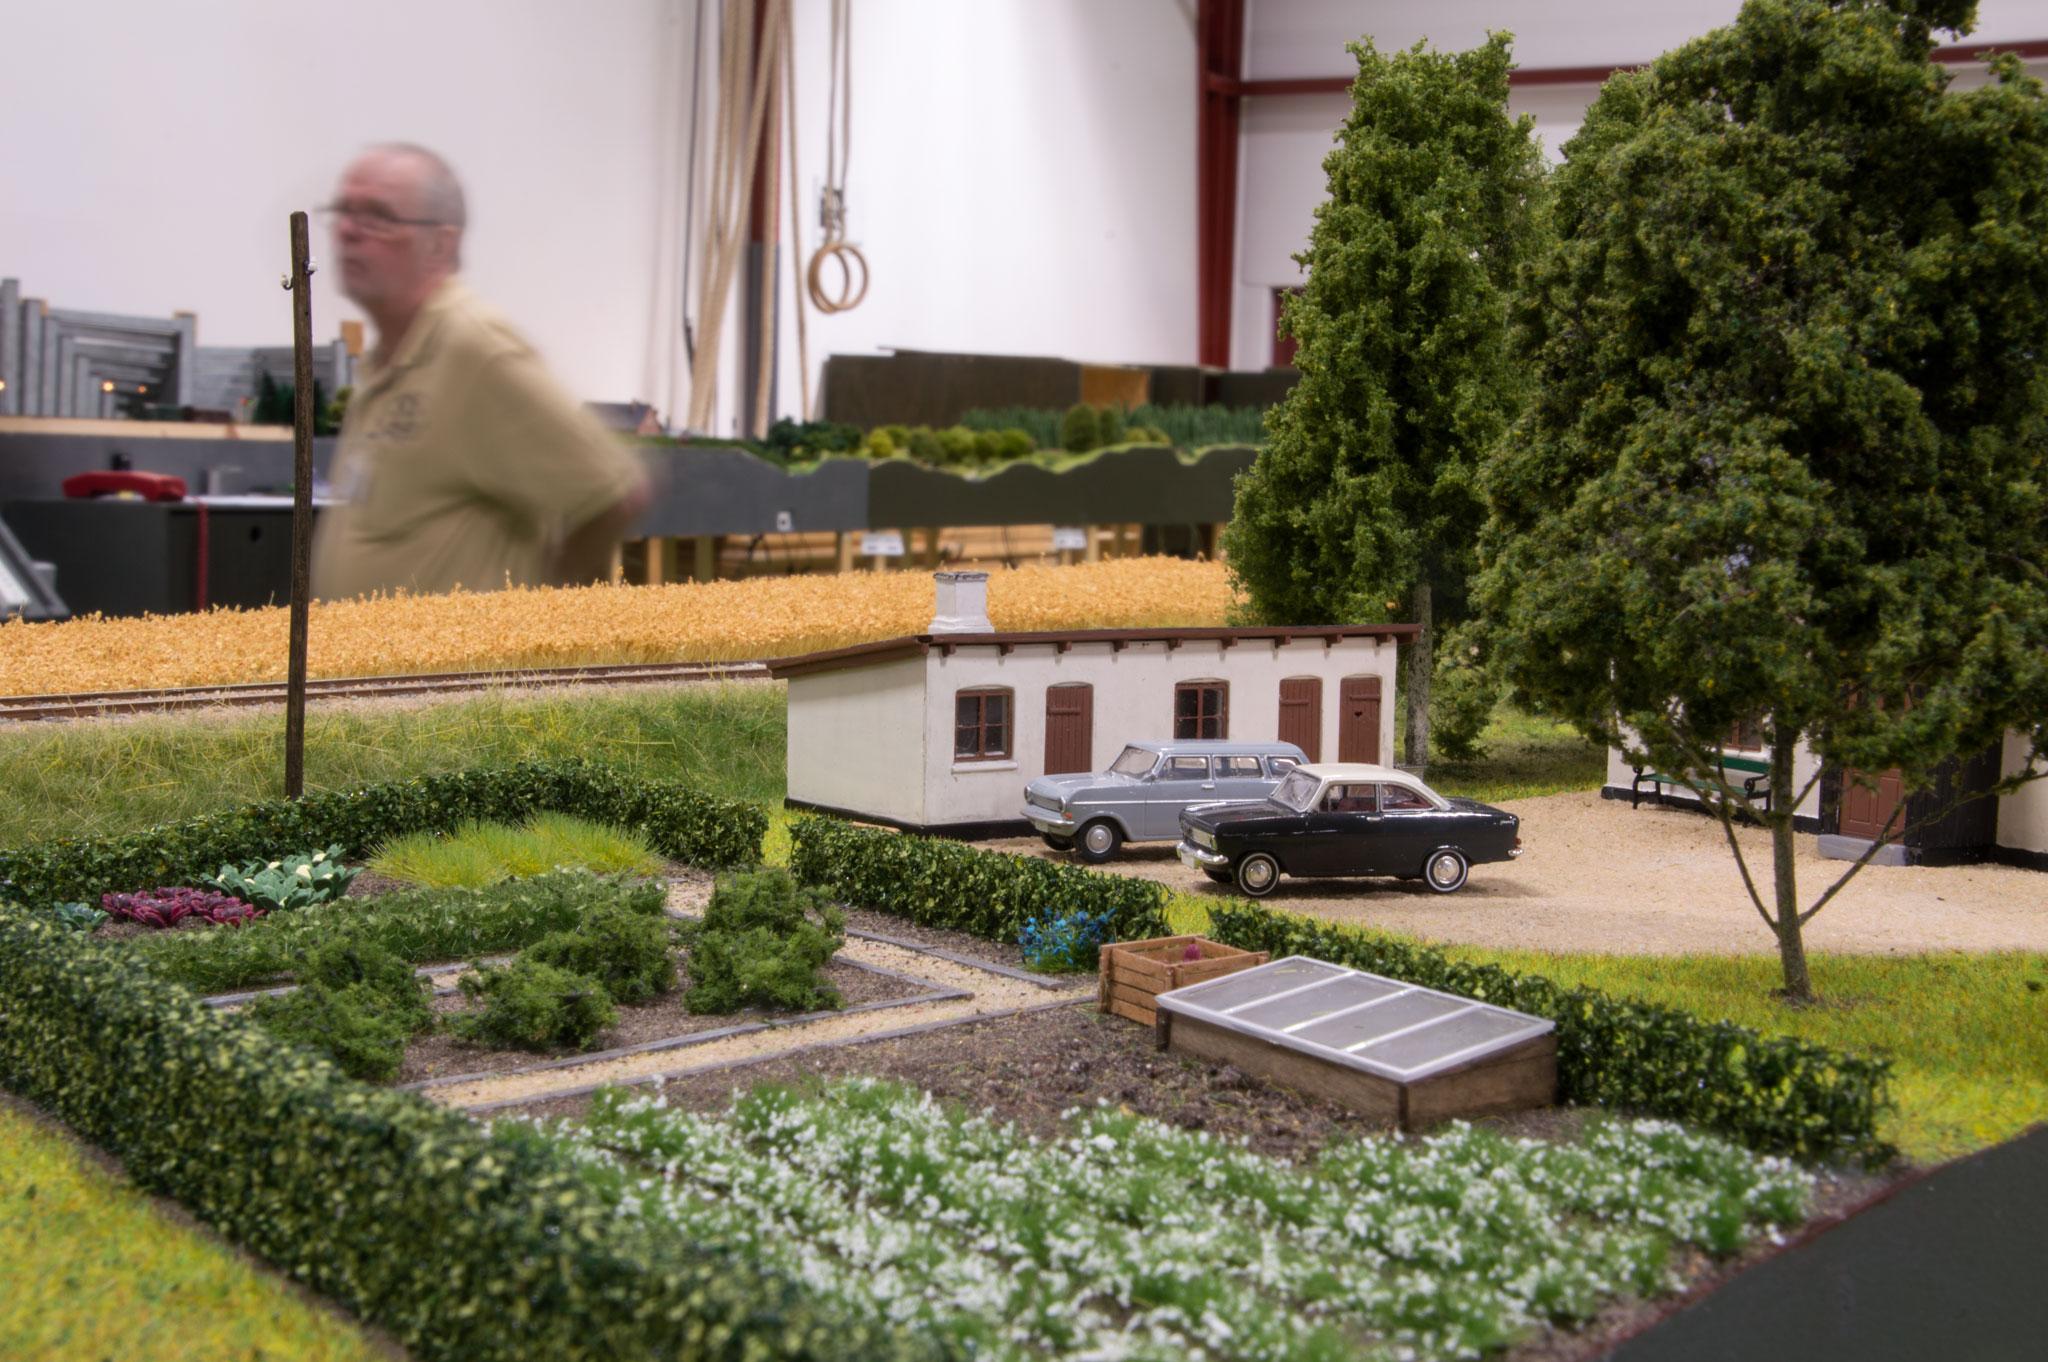 Et nærmere kig på ejendommen med køkkenhave på Ole Pedersens fine kurvemoduler